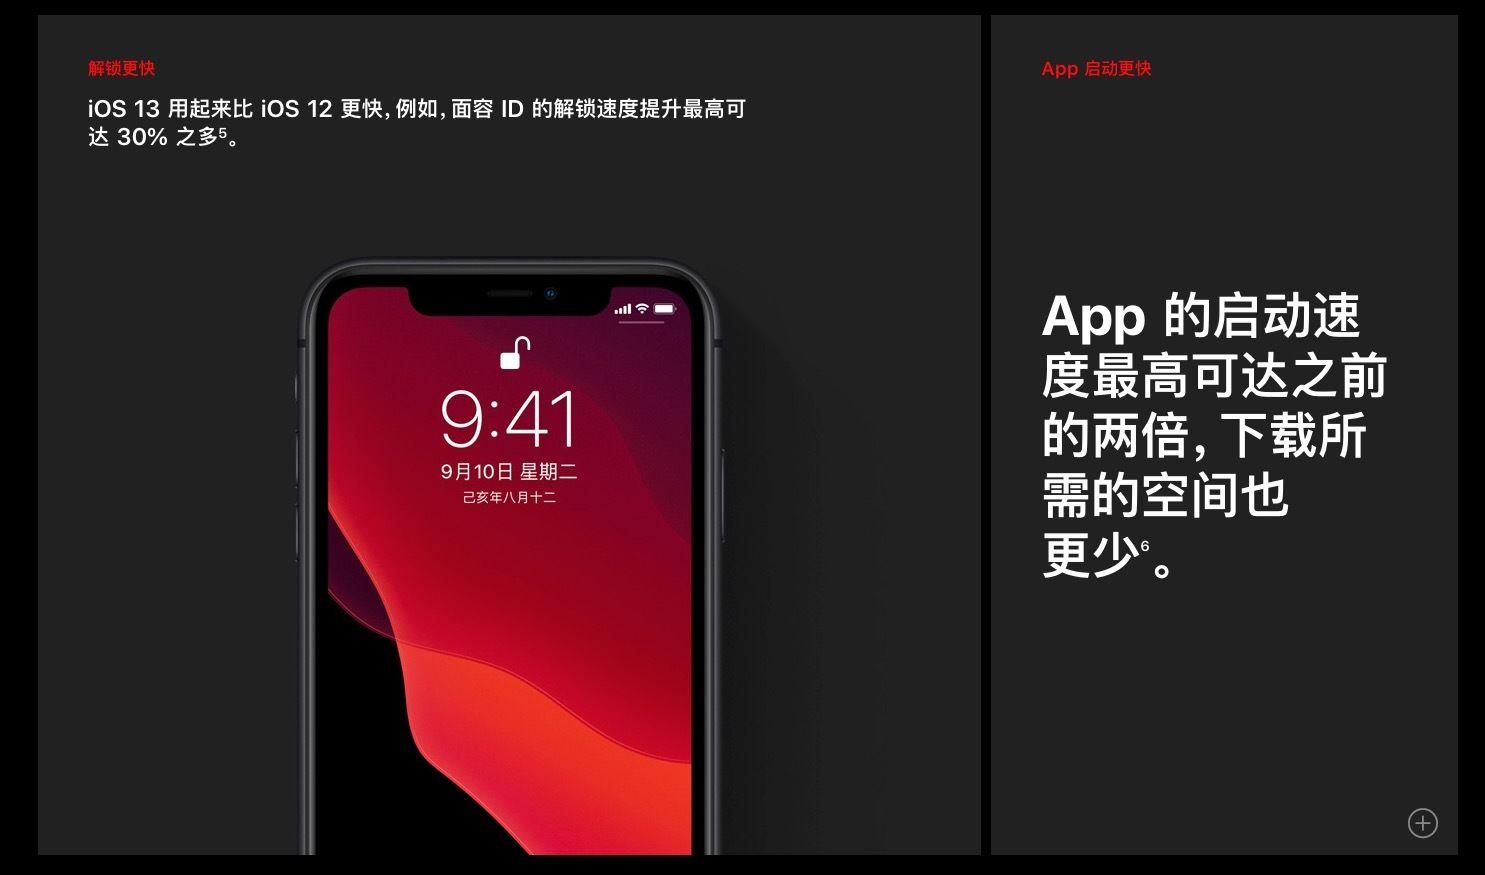 iOS13正式版发布,这5个亮点功能告诉你要不要升级